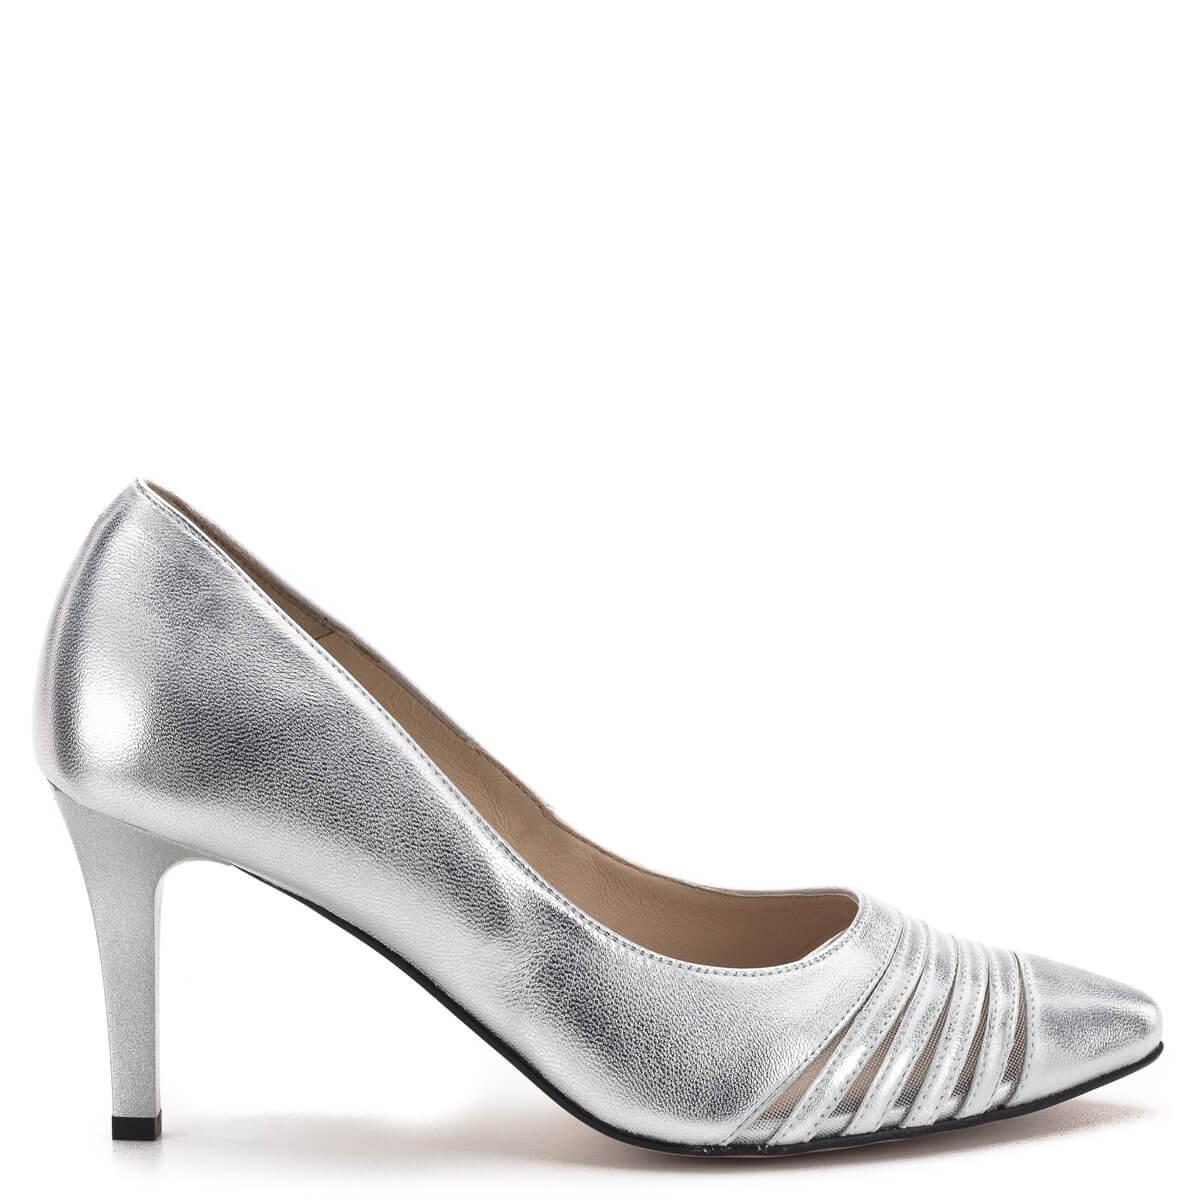 1d69a4e7c6 Kívül-belül; Carla Ricci cipő ezüst színben, 7,5 cm magas sarokkal.